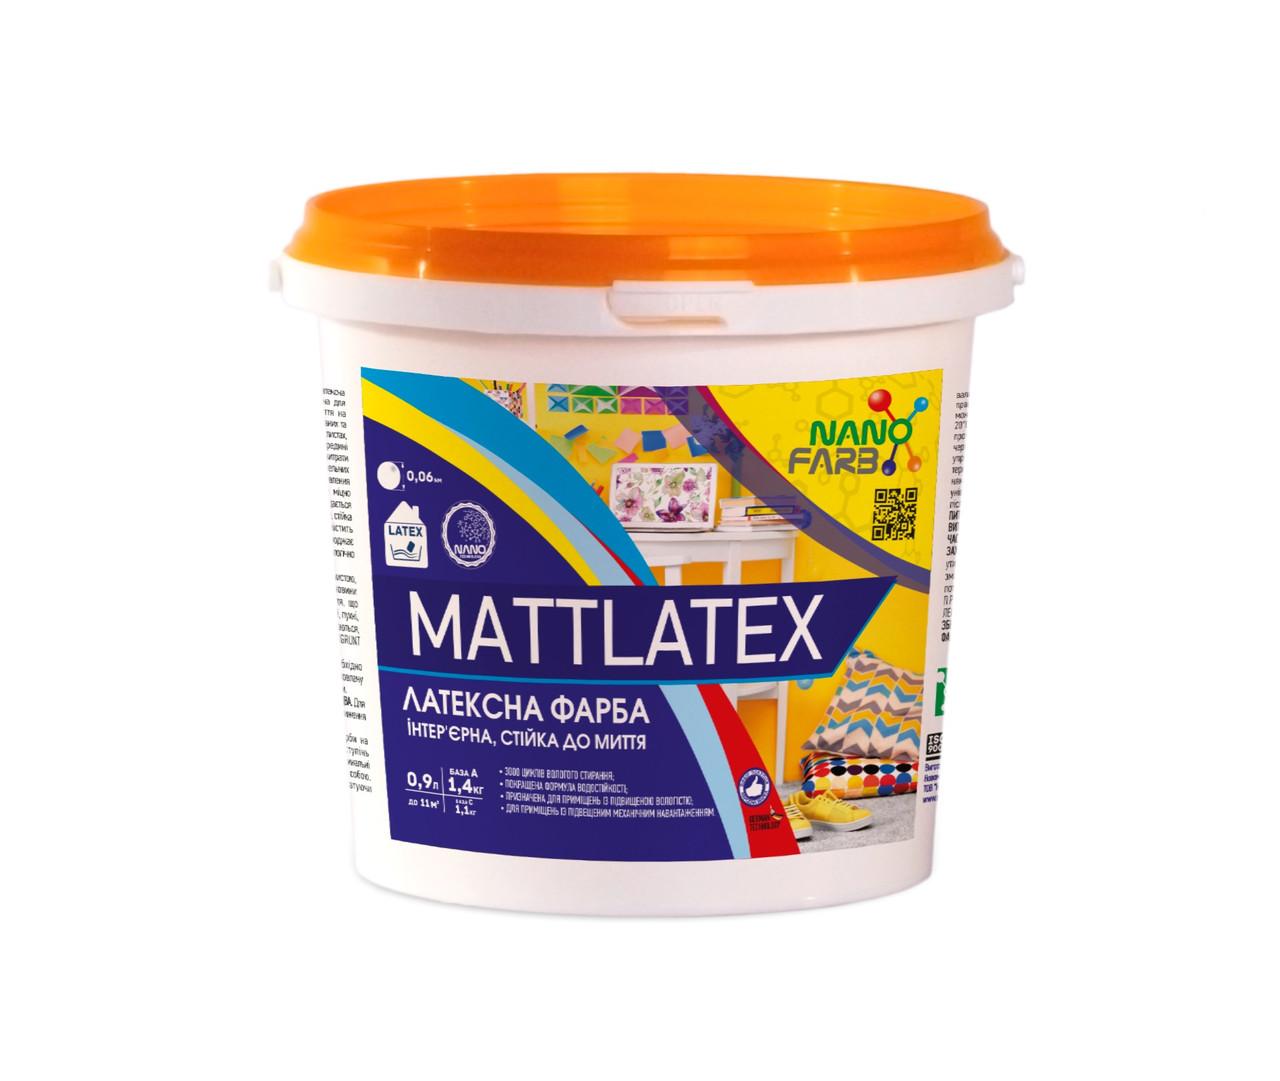 Нанофарб Mattlatex фарба, що миється, 1,4 кг